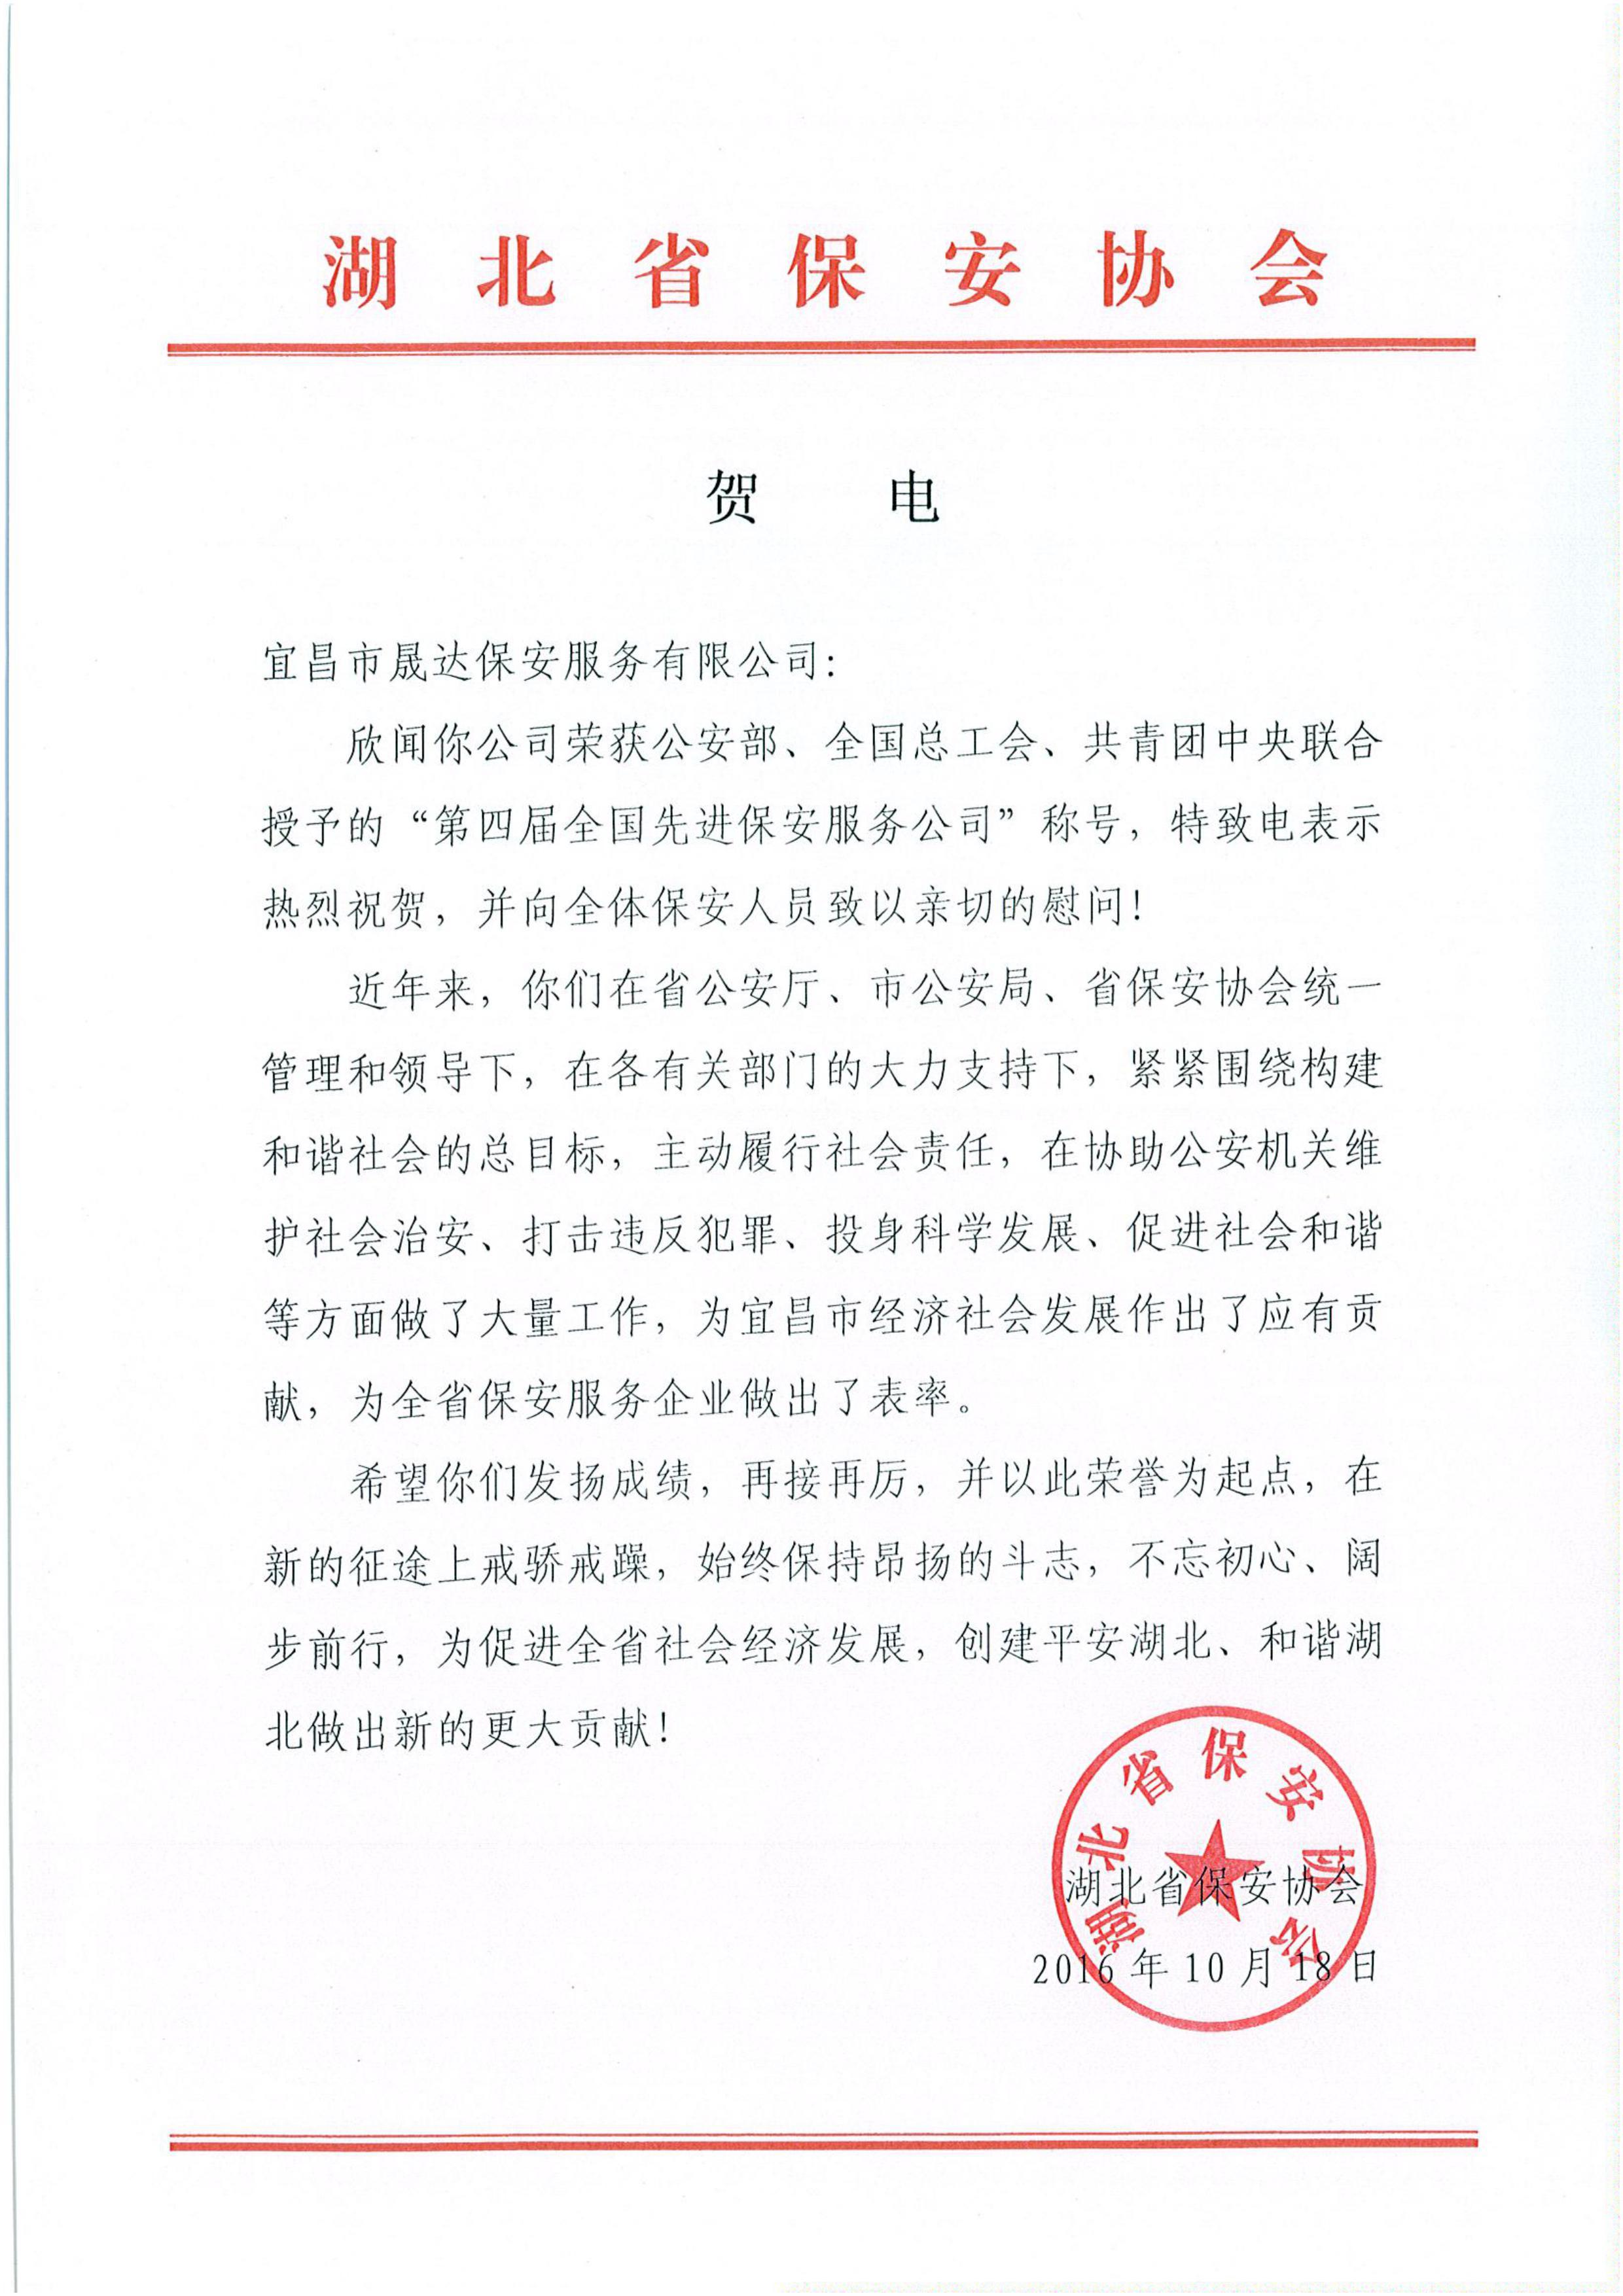 湖北省亚博体育网址协会贺电